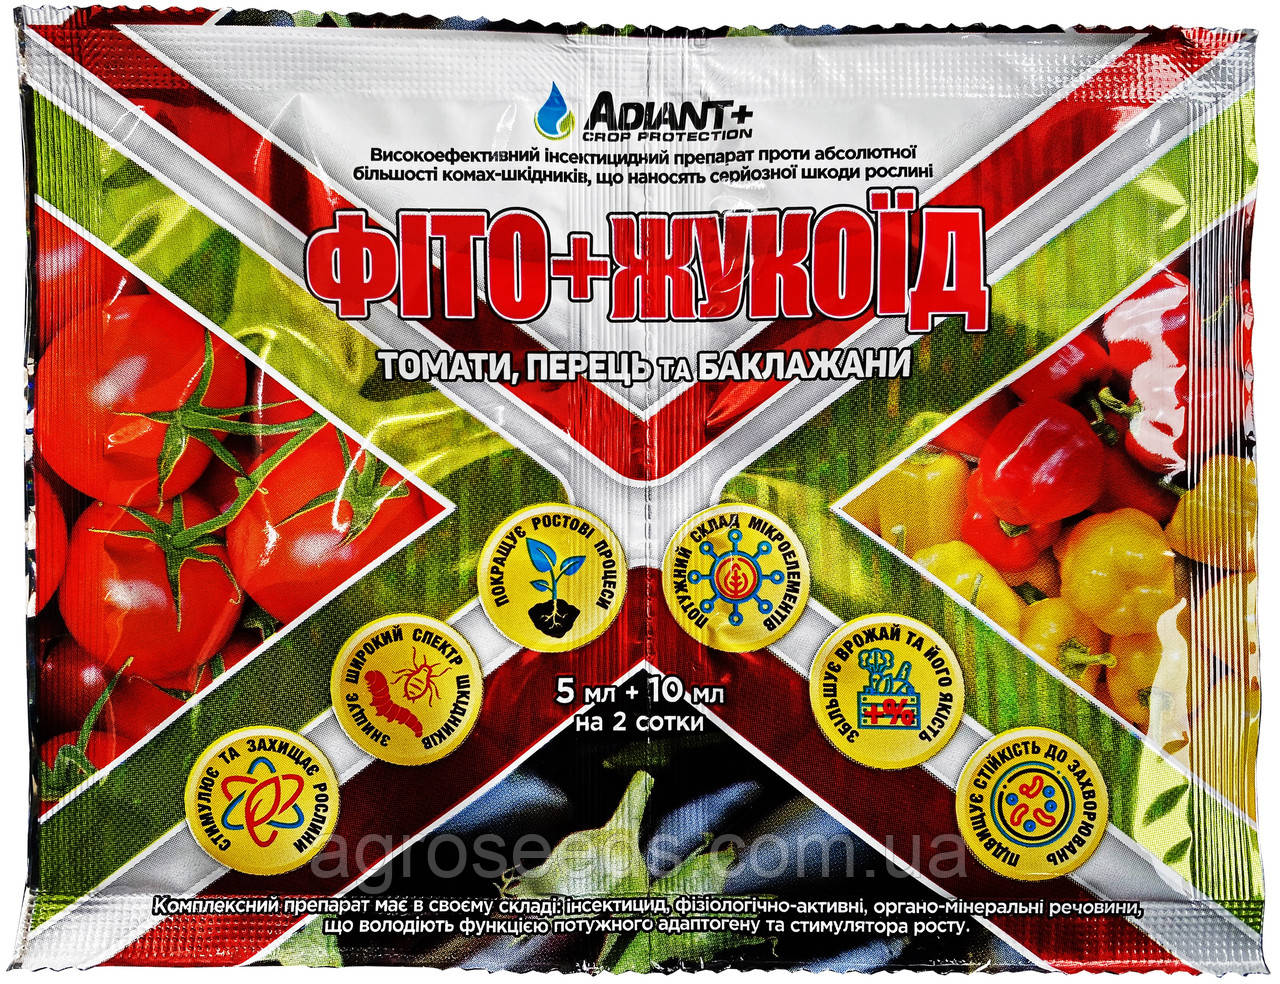 Фіто + Жукоед томати, перці і баклажани 5мл + 10мл